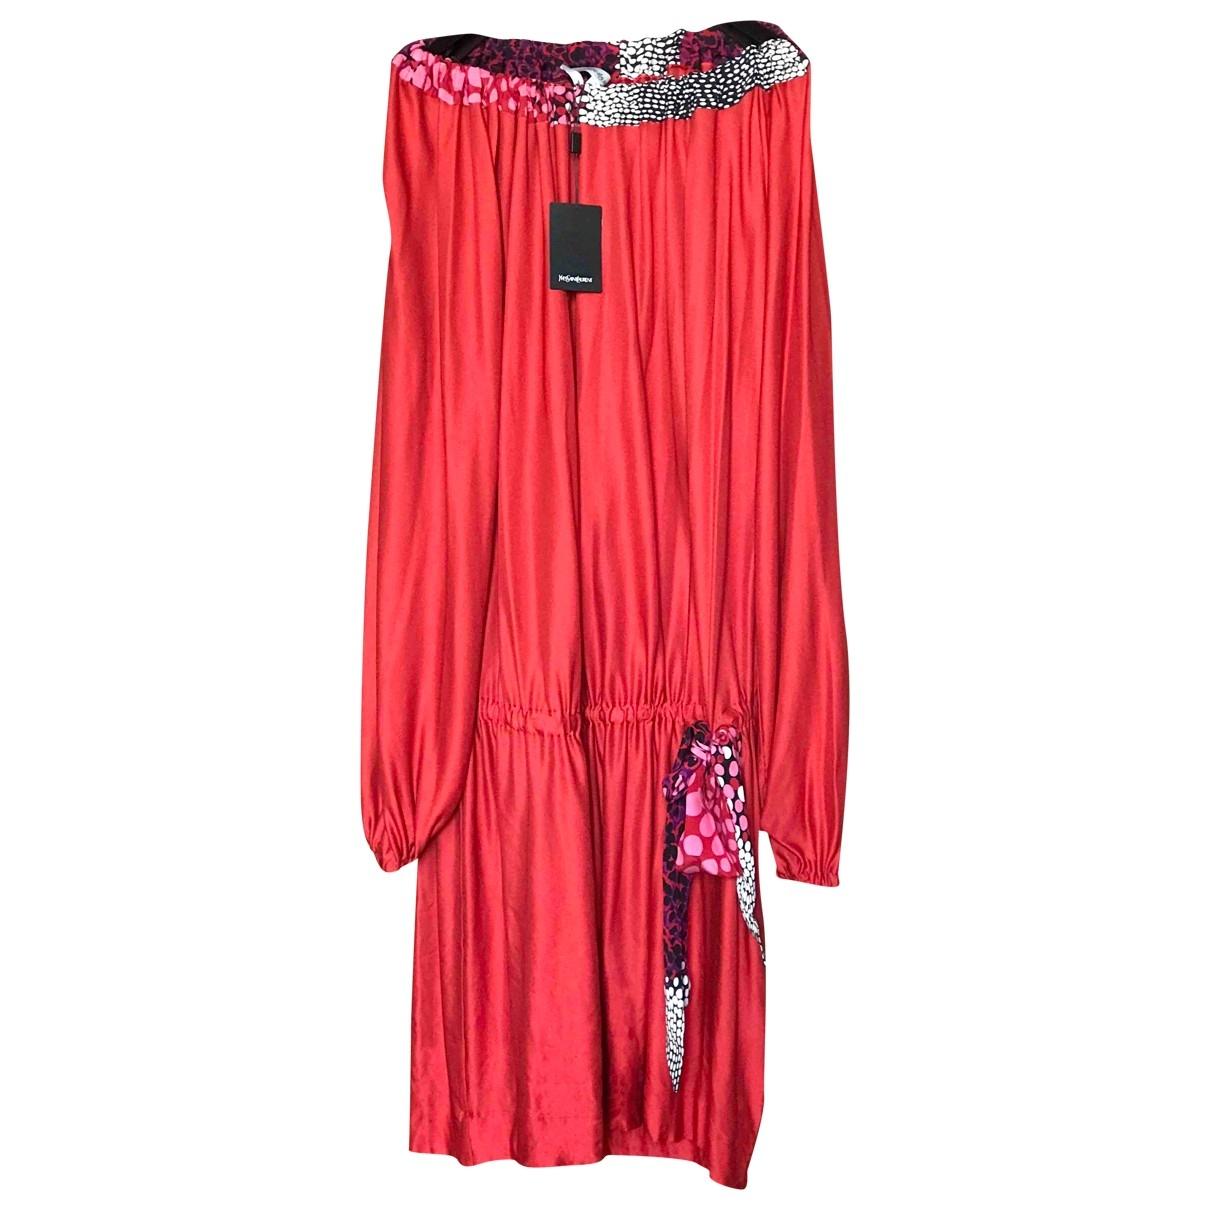 Yves Saint Laurent \N Red Cotton dress for Women 36 FR